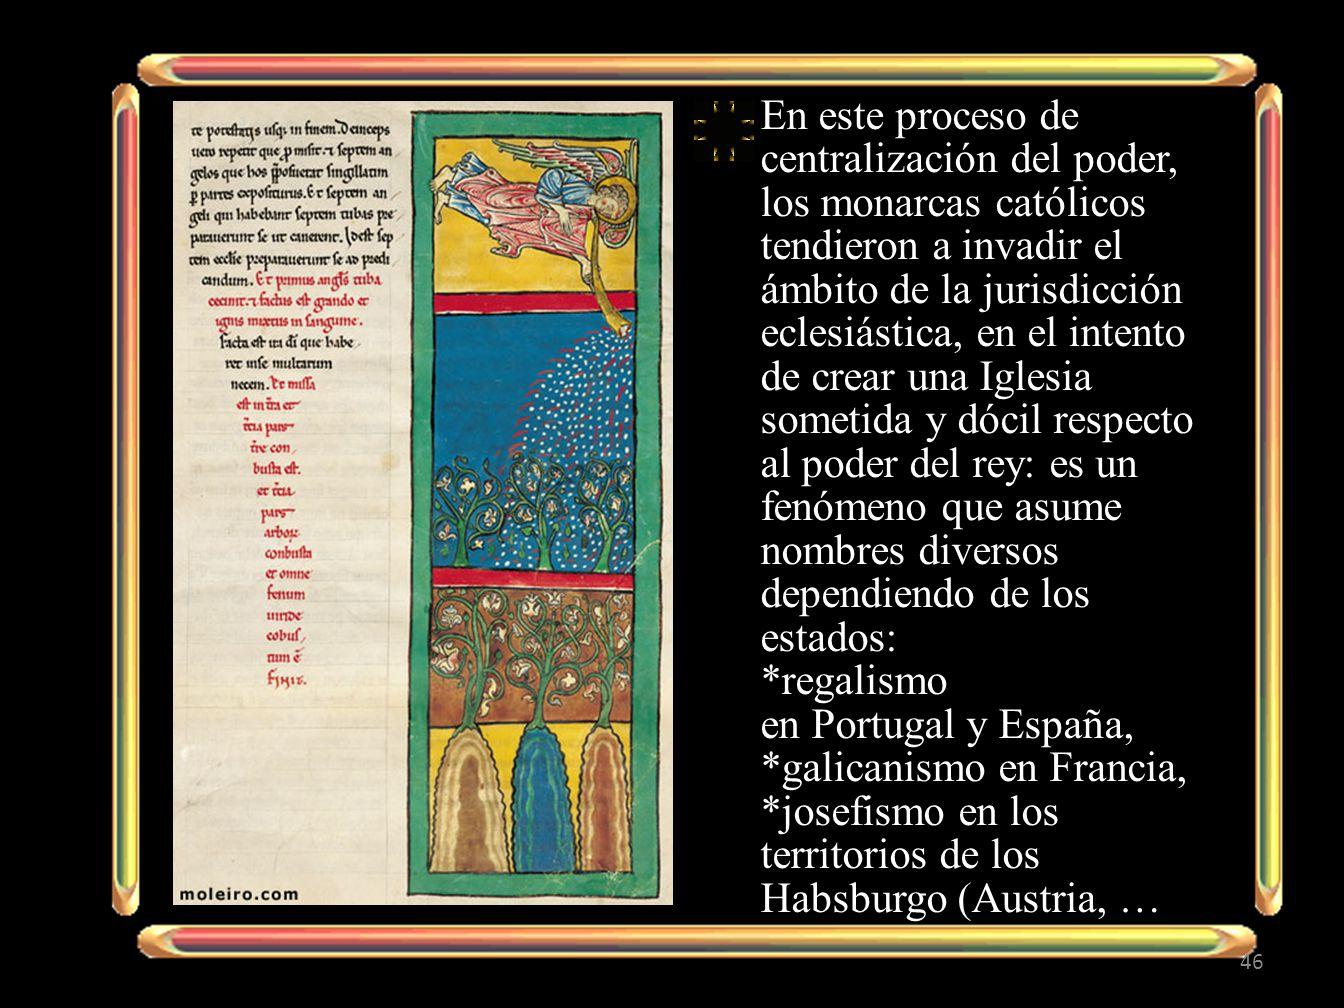 En este proceso de centralización del poder, los monarcas católicos tendieron a invadir el ámbito de la jurisdicción eclesiástica, en el intento de cr